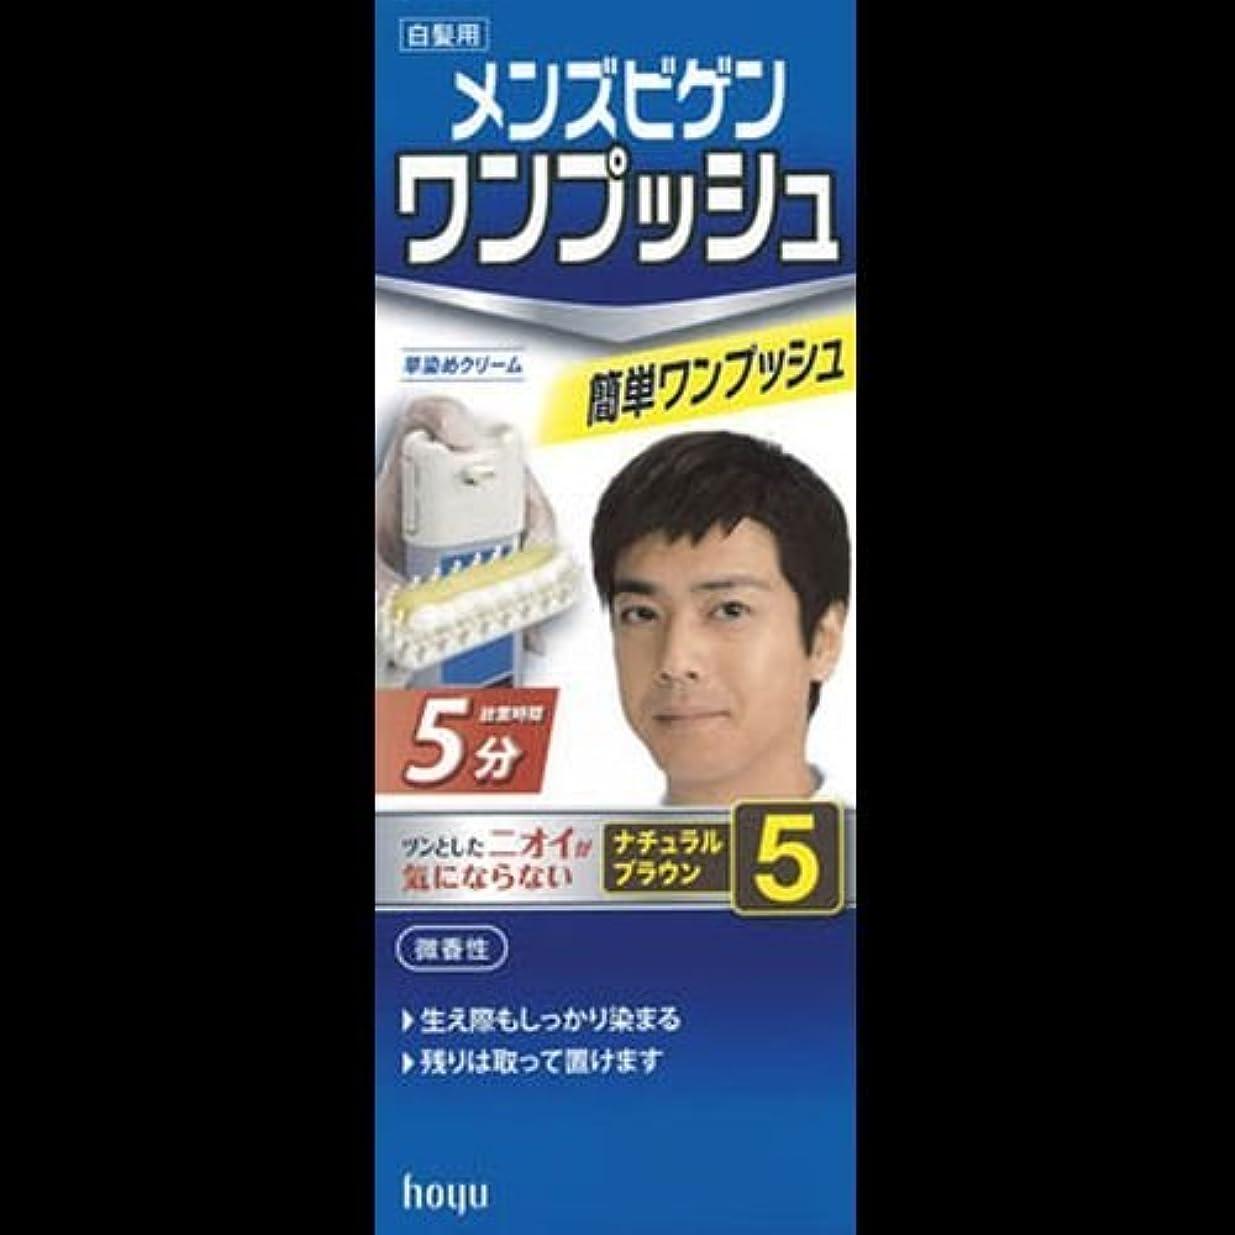 メンズビゲン ワンプッシュ ナチュラルブラウン 5(40g+40g) ×2セット